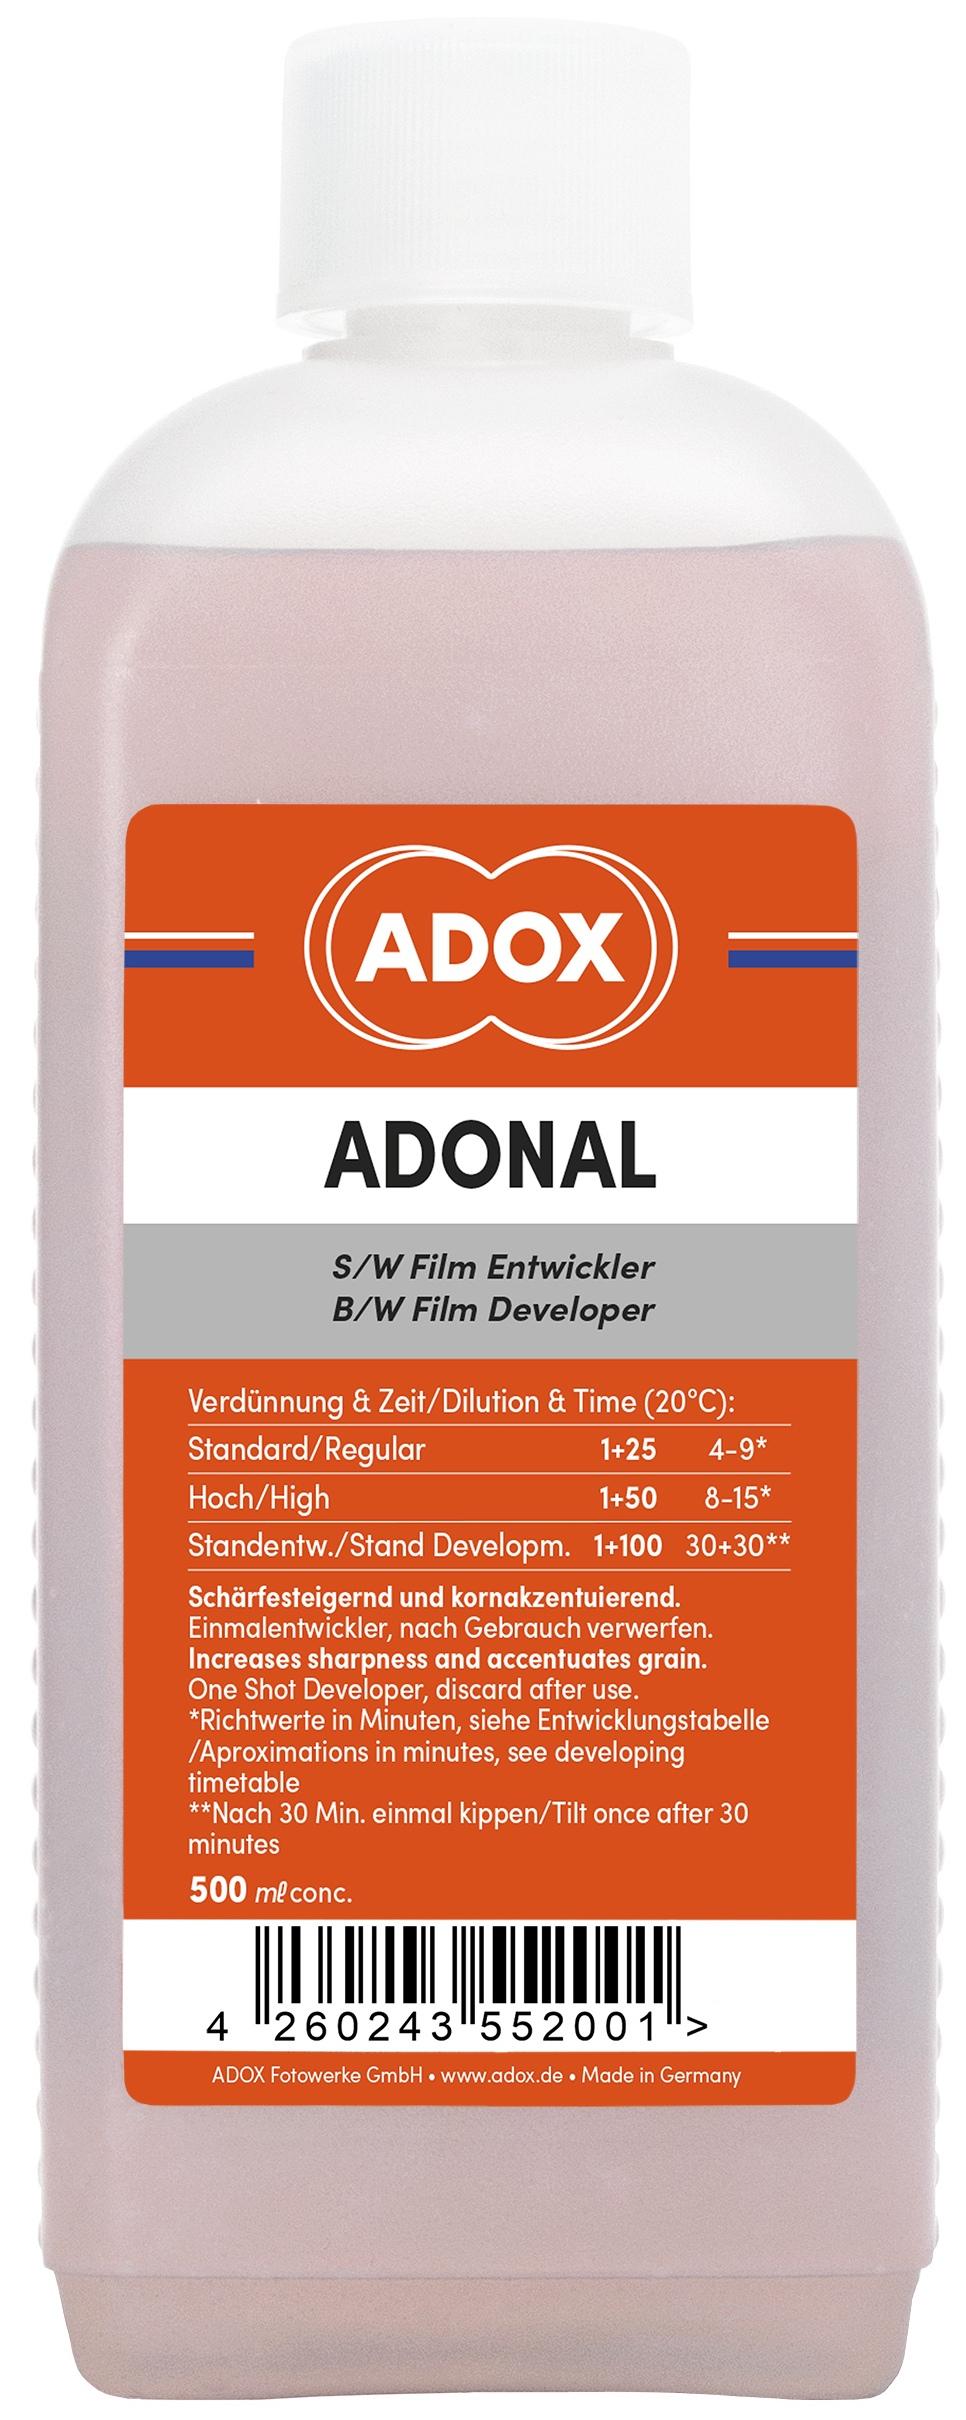 ADOX ADONAL/RODINAL 500 ml